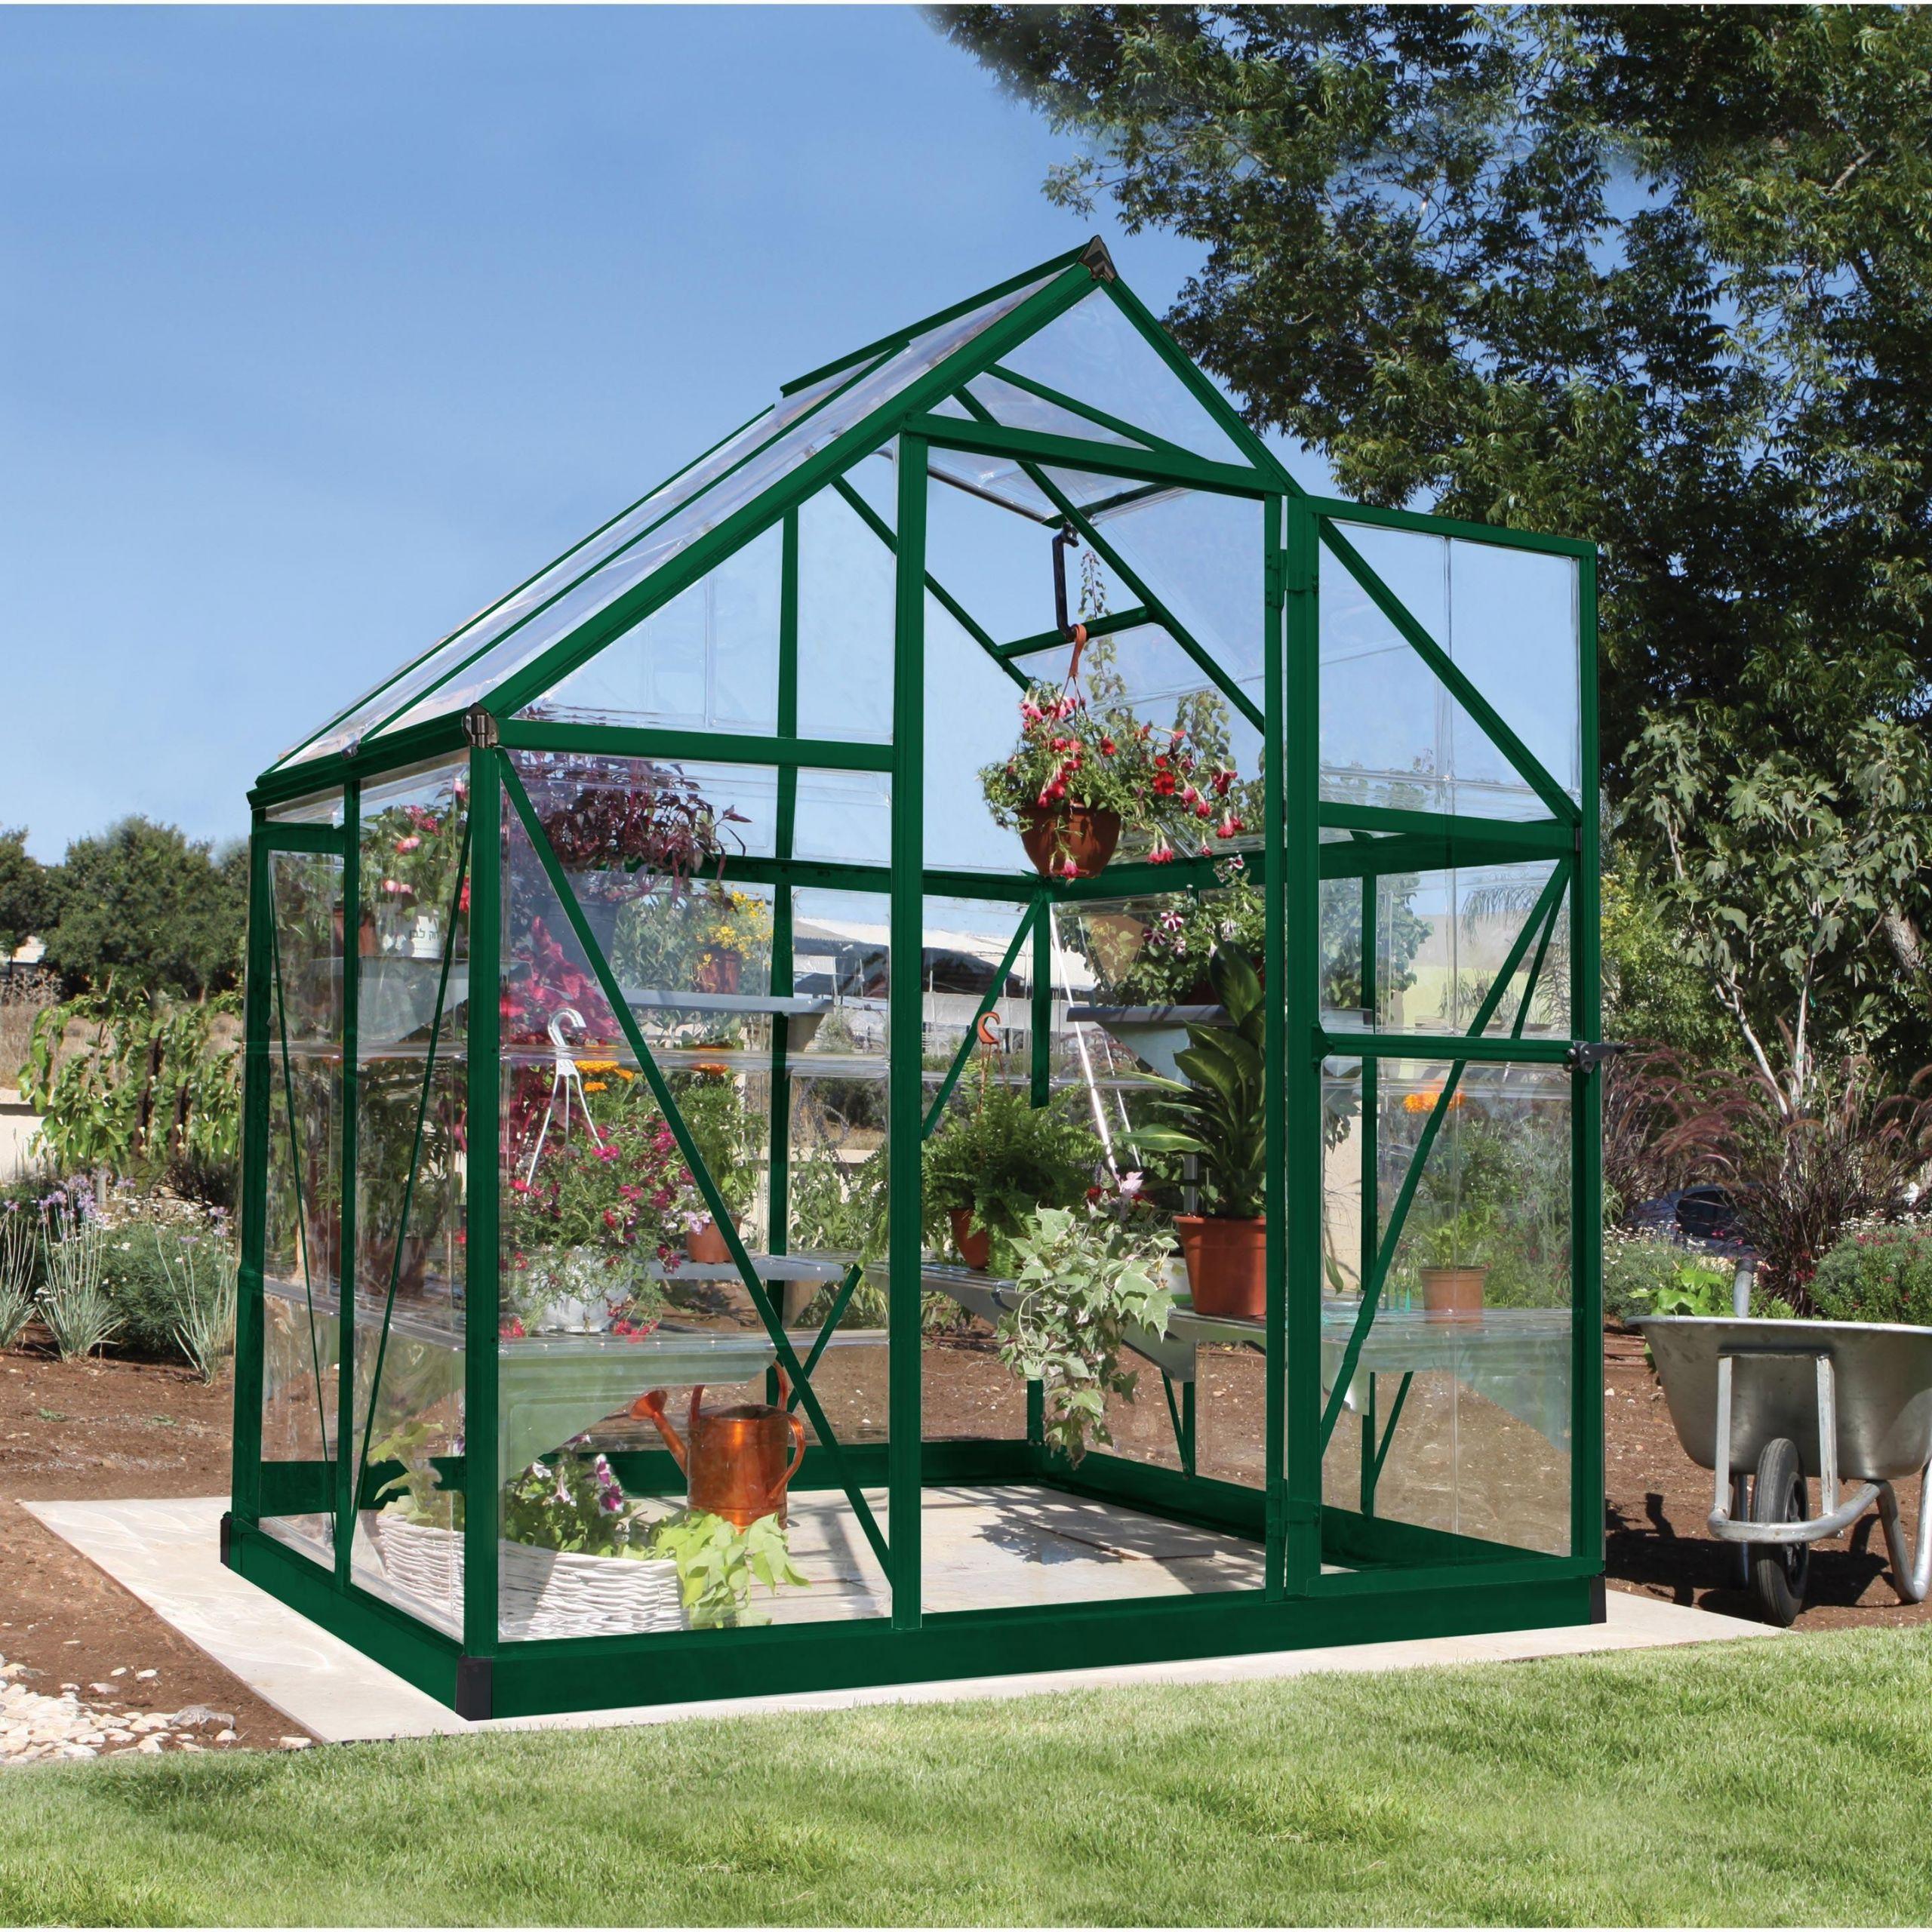 Serre De Jardin Polycarbonate Frais Serre De Jardin Verte Harmony 2 3 M² Aluminium Et Of 67 Génial Serre De Jardin Polycarbonate